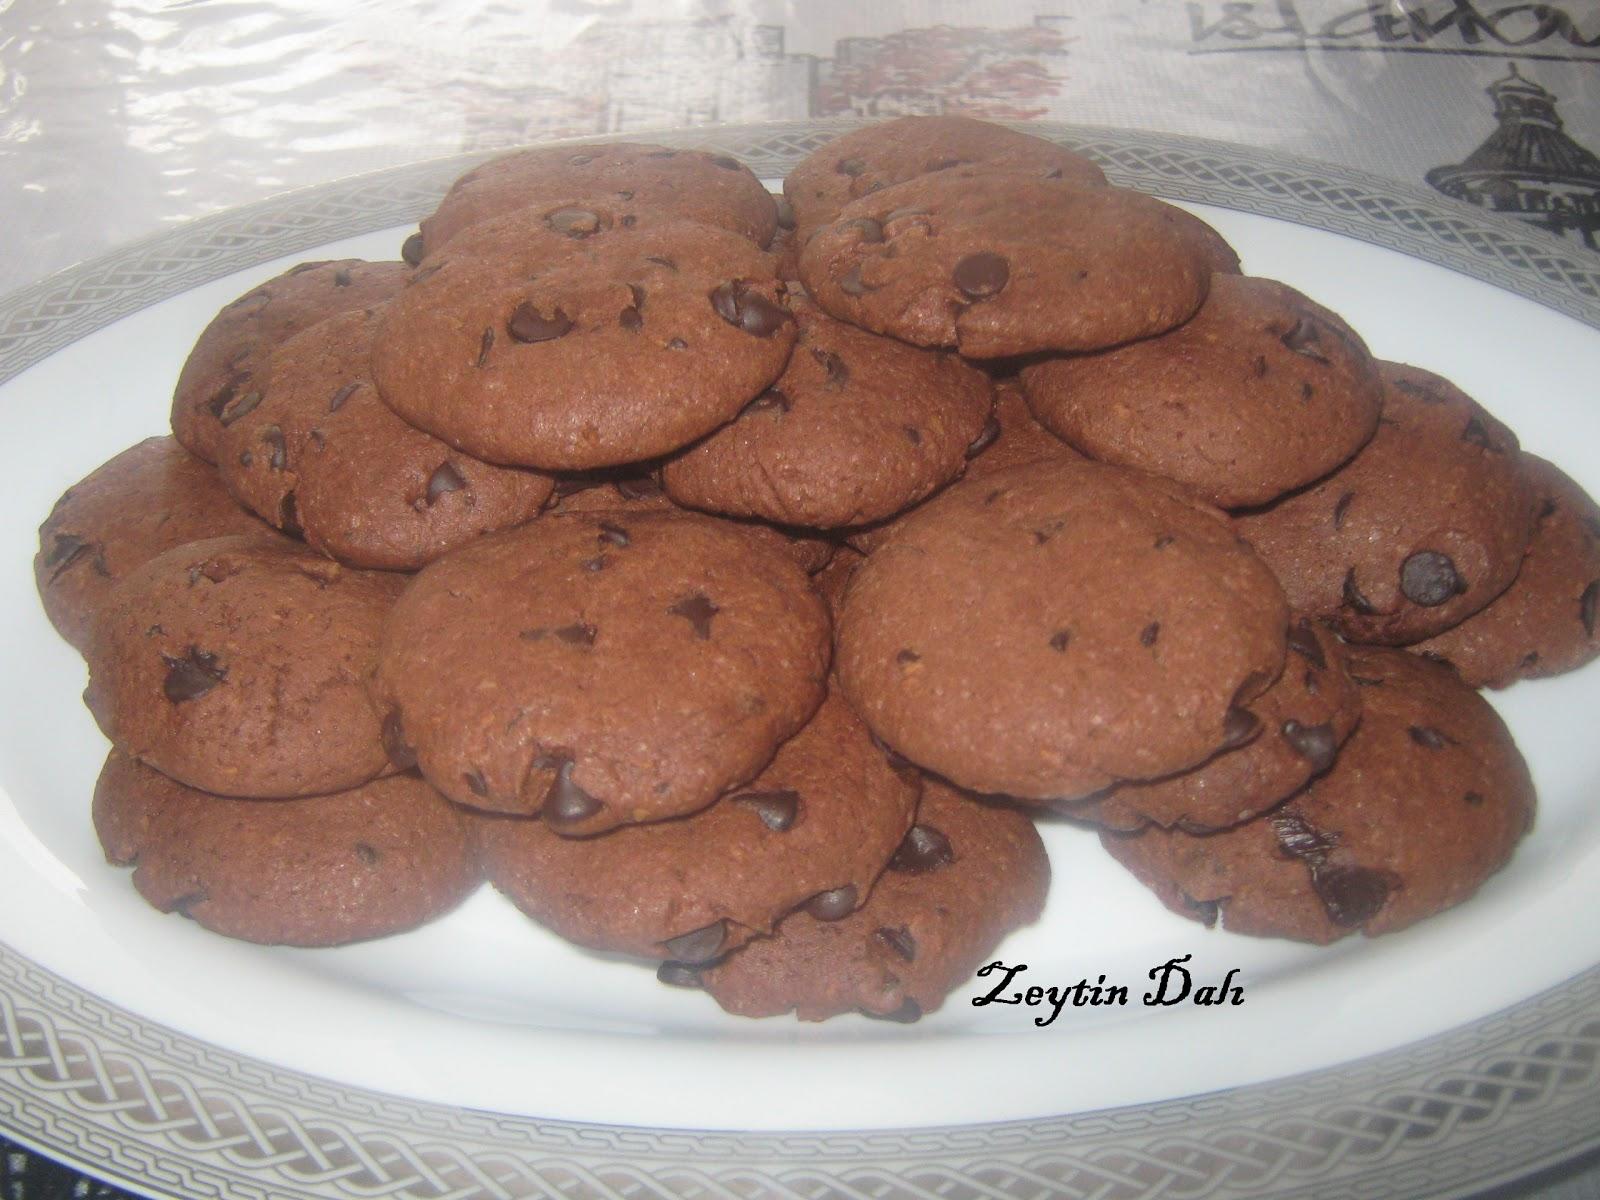 damla çikolatalı kurabiye,kakaolu kurabiye,kurabiye,hindistan cevizli kurabiye,çay kurabiyesi